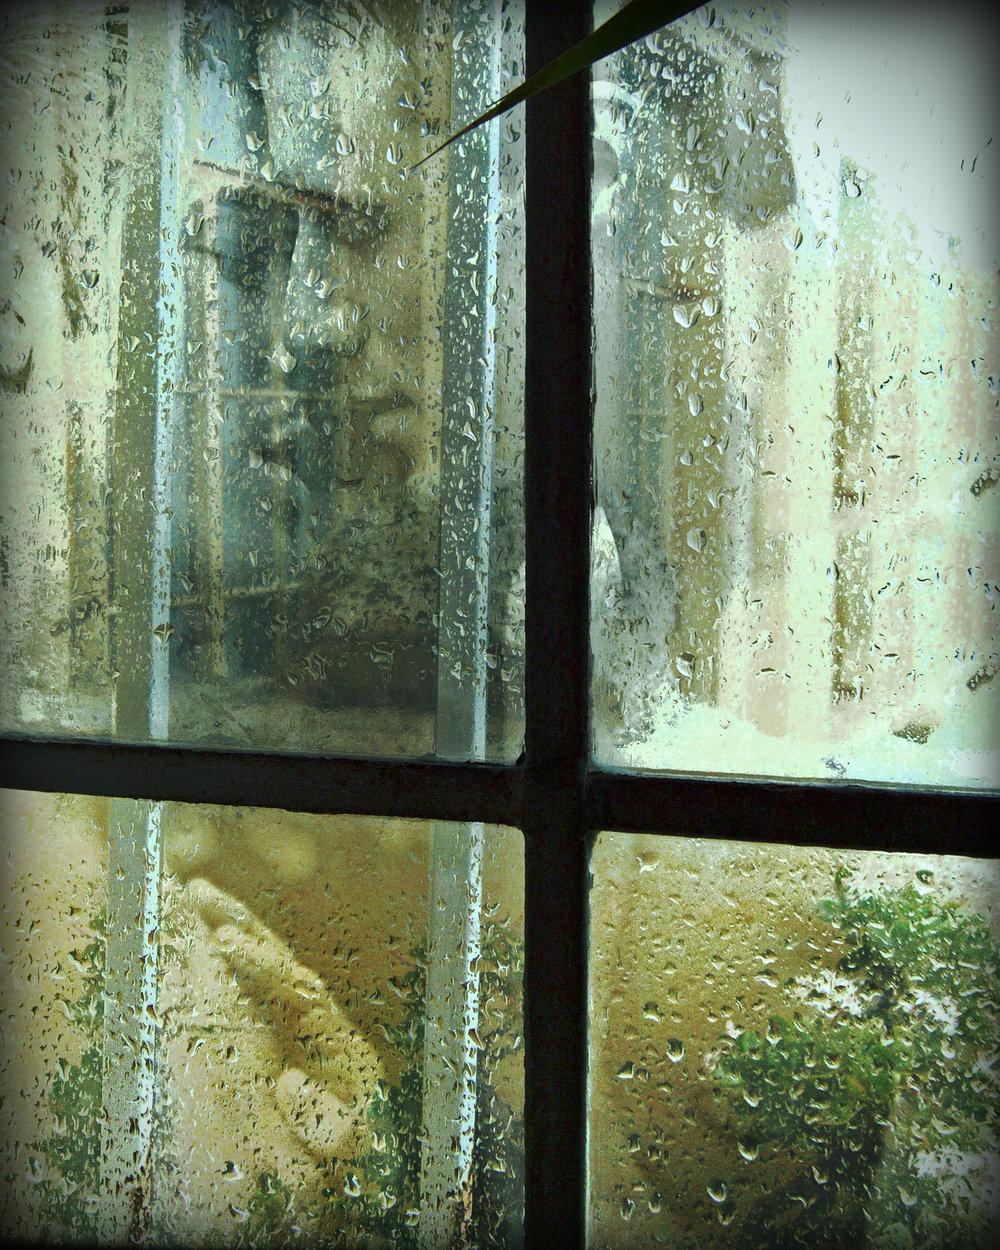 John Waiblinger-Rain Kissed-Digital Art printed on aluminum-12.75Wx16H-1of10-2012-Framed$495.jpg